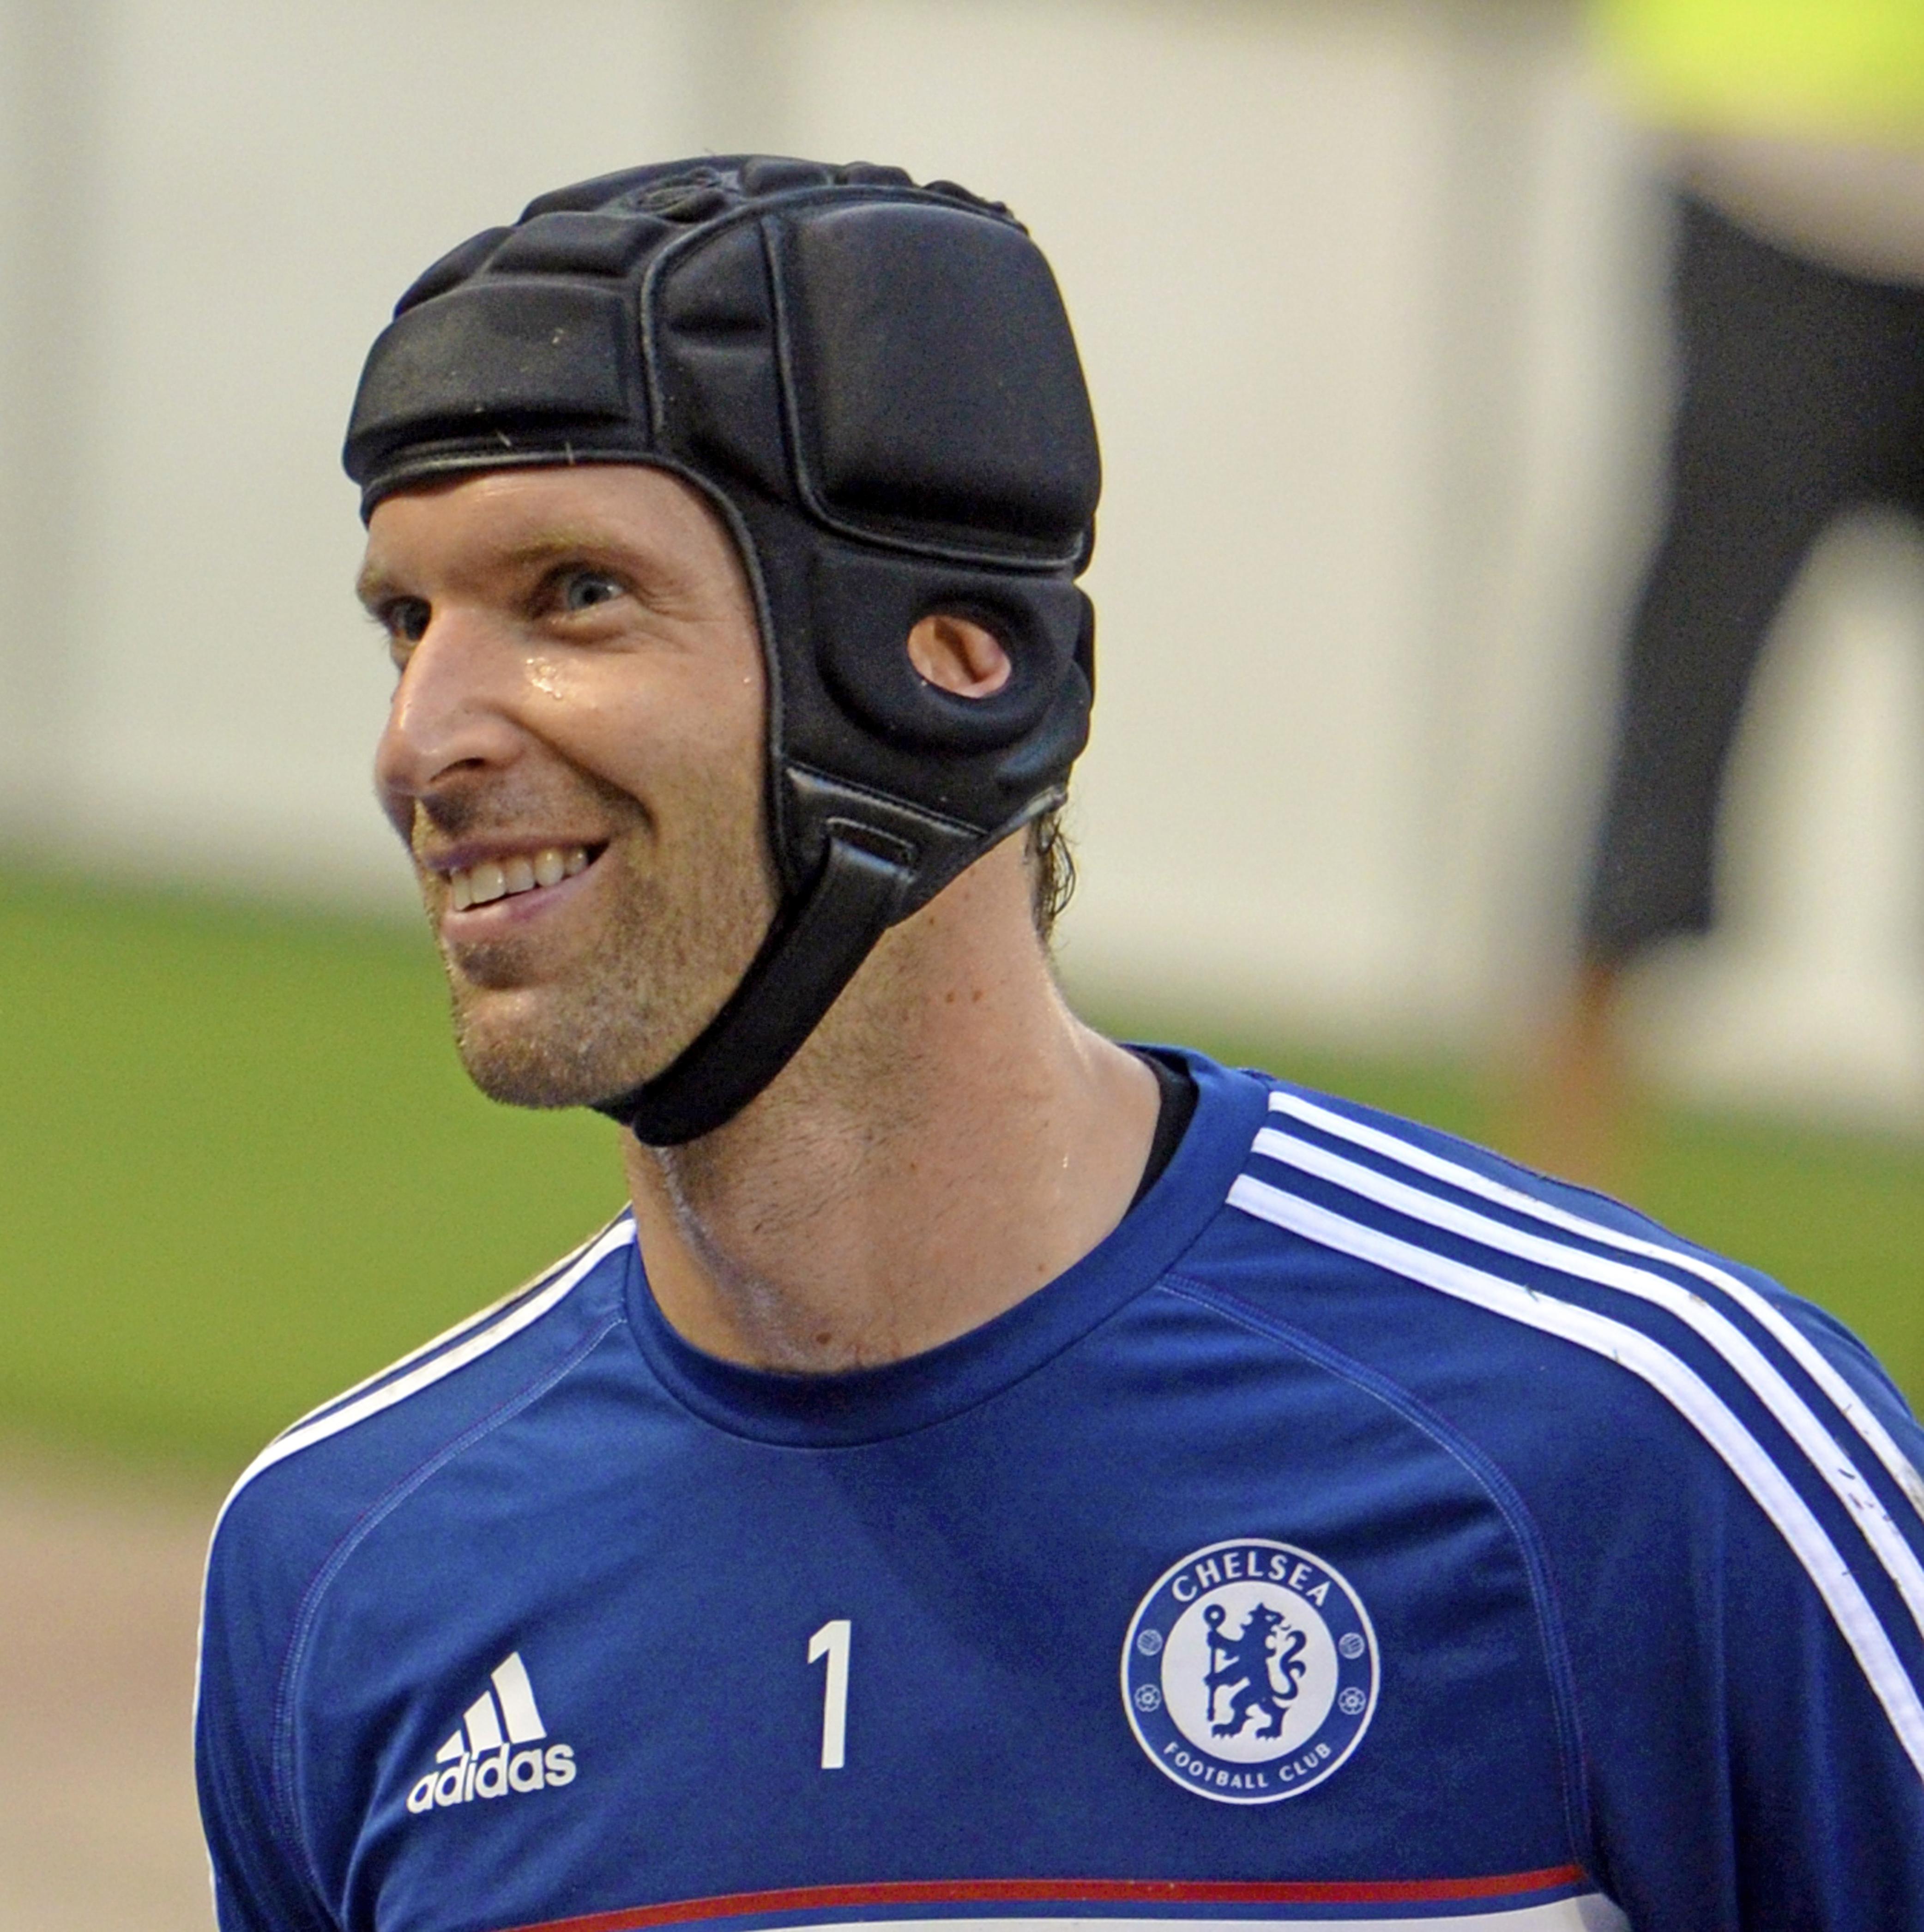 Il 38-anni 196 cm alto Petr Cech nel 2020